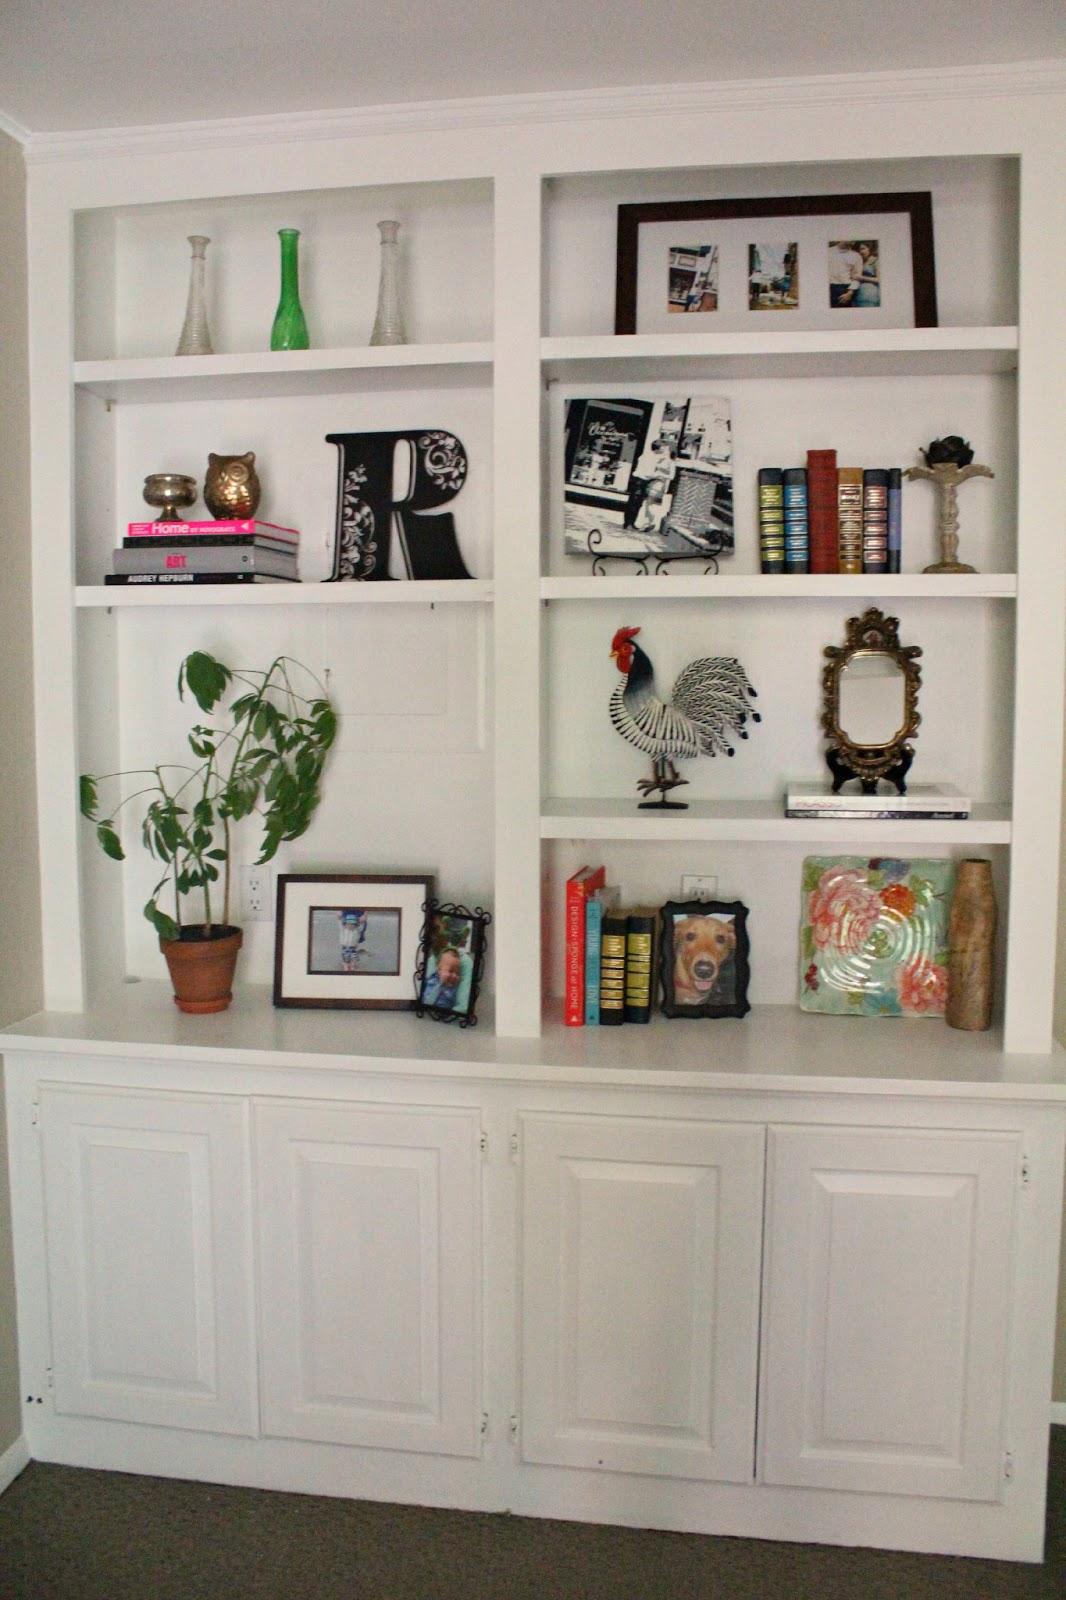 Ten June: My Living Room Built-In Bookshelves Are Styled ...